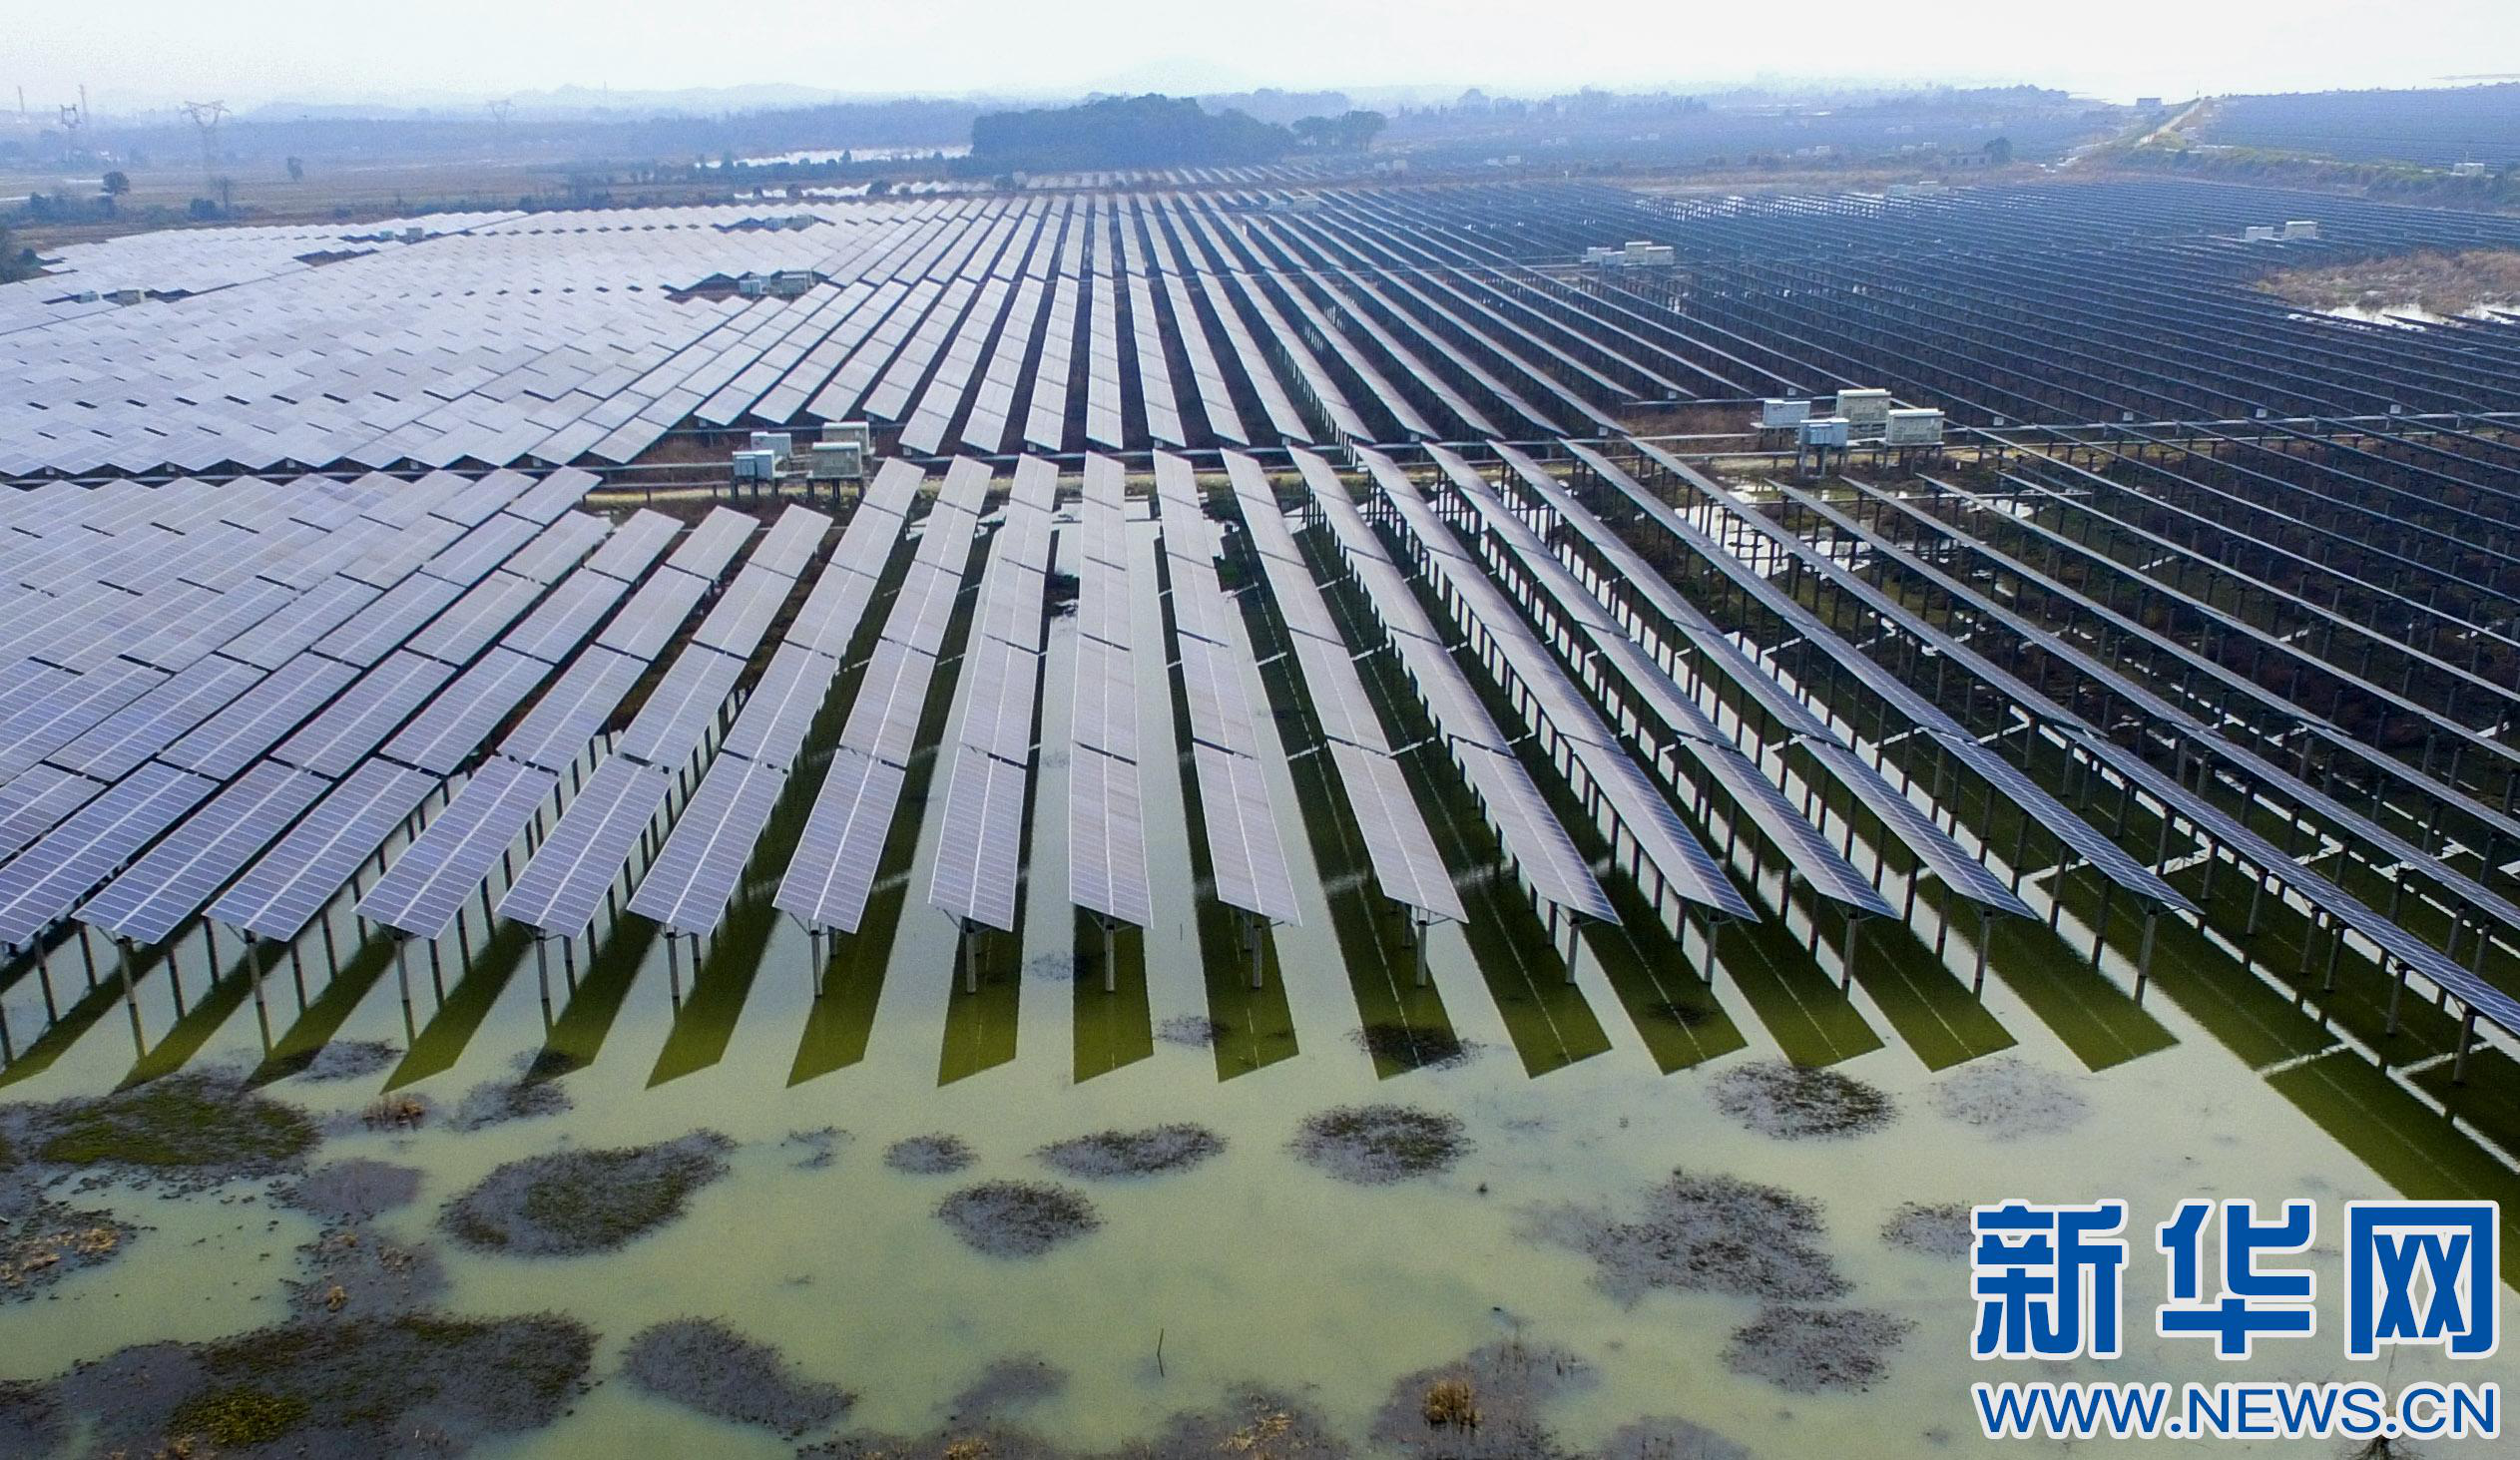 我国光伏发电扩容约5000万千瓦 年度补贴约需17亿元